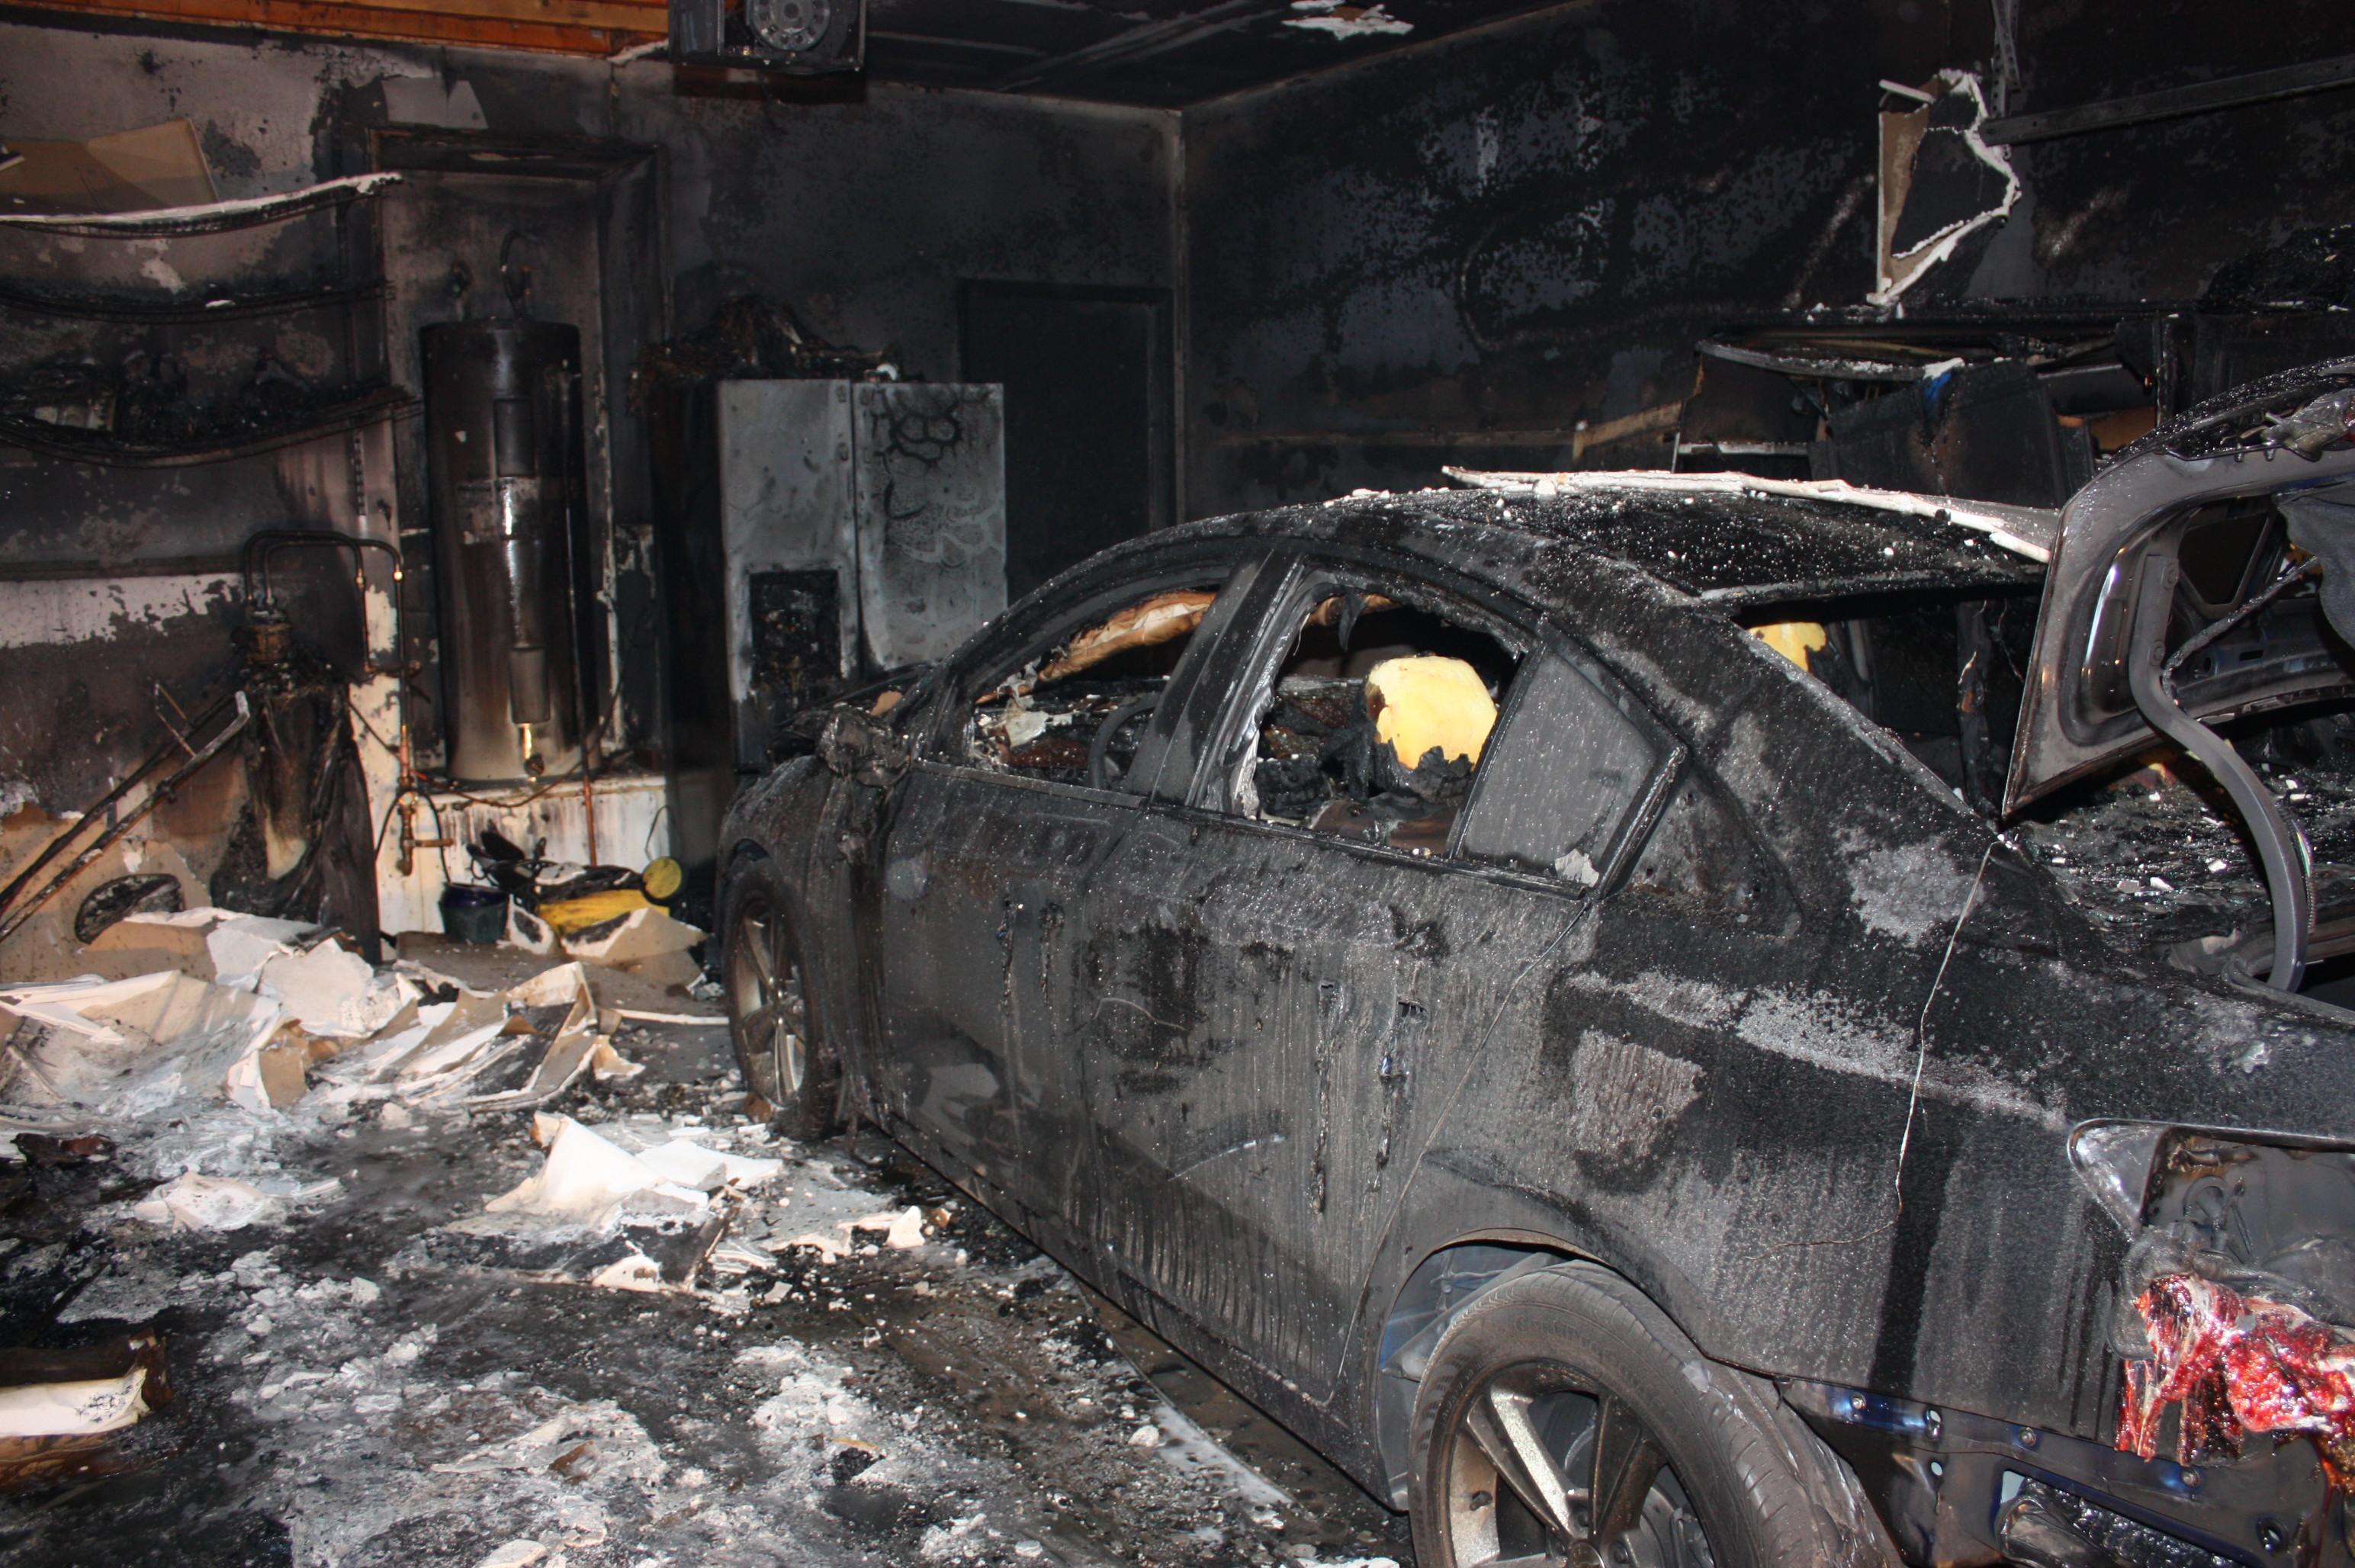 Saturday Evening Structure Fire Destroys Garage